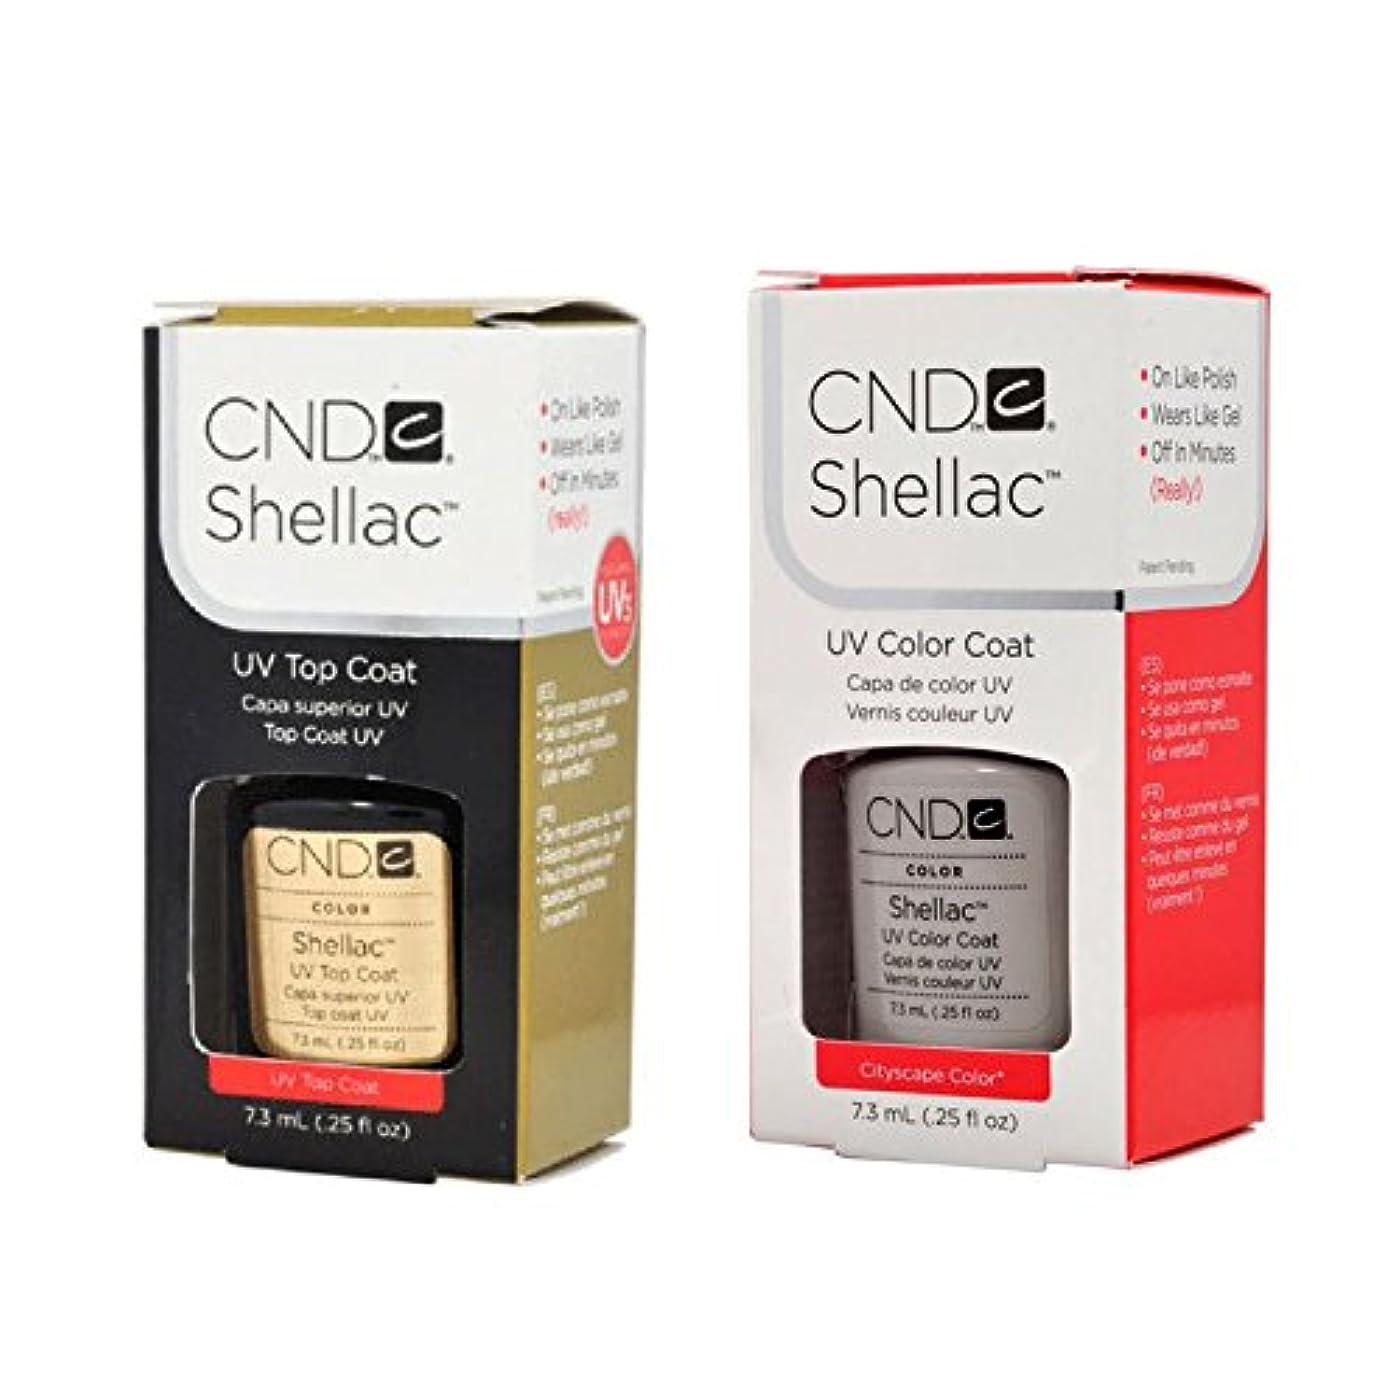 市場ベーシックアルカイックCND Shellac UVトップコート 7.3m l  &  UV カラーコー< Cityscape>7.3ml [海外直送品]